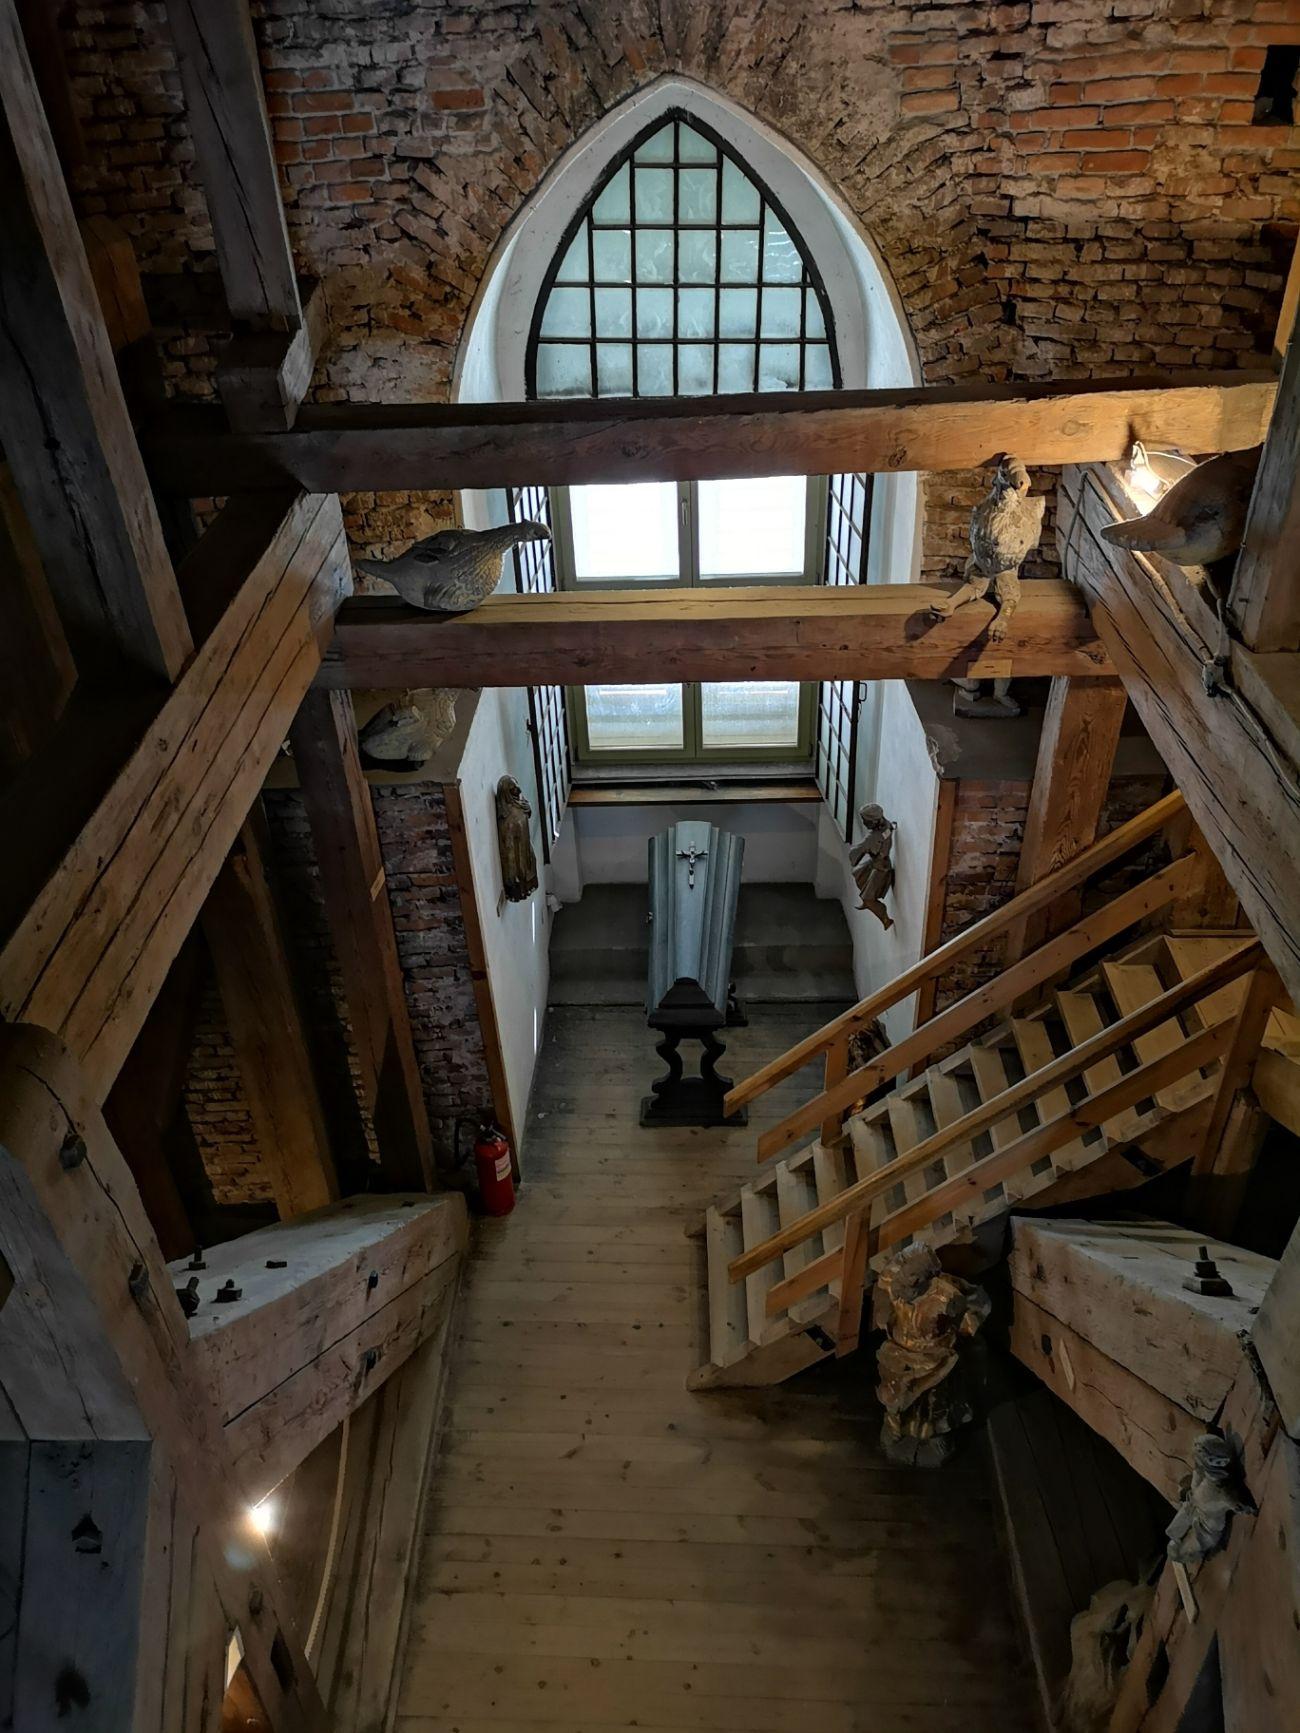 muzeum archidiecezjalne wieża trynitarska lublin co zwiedzić co zobaczyć w weekend